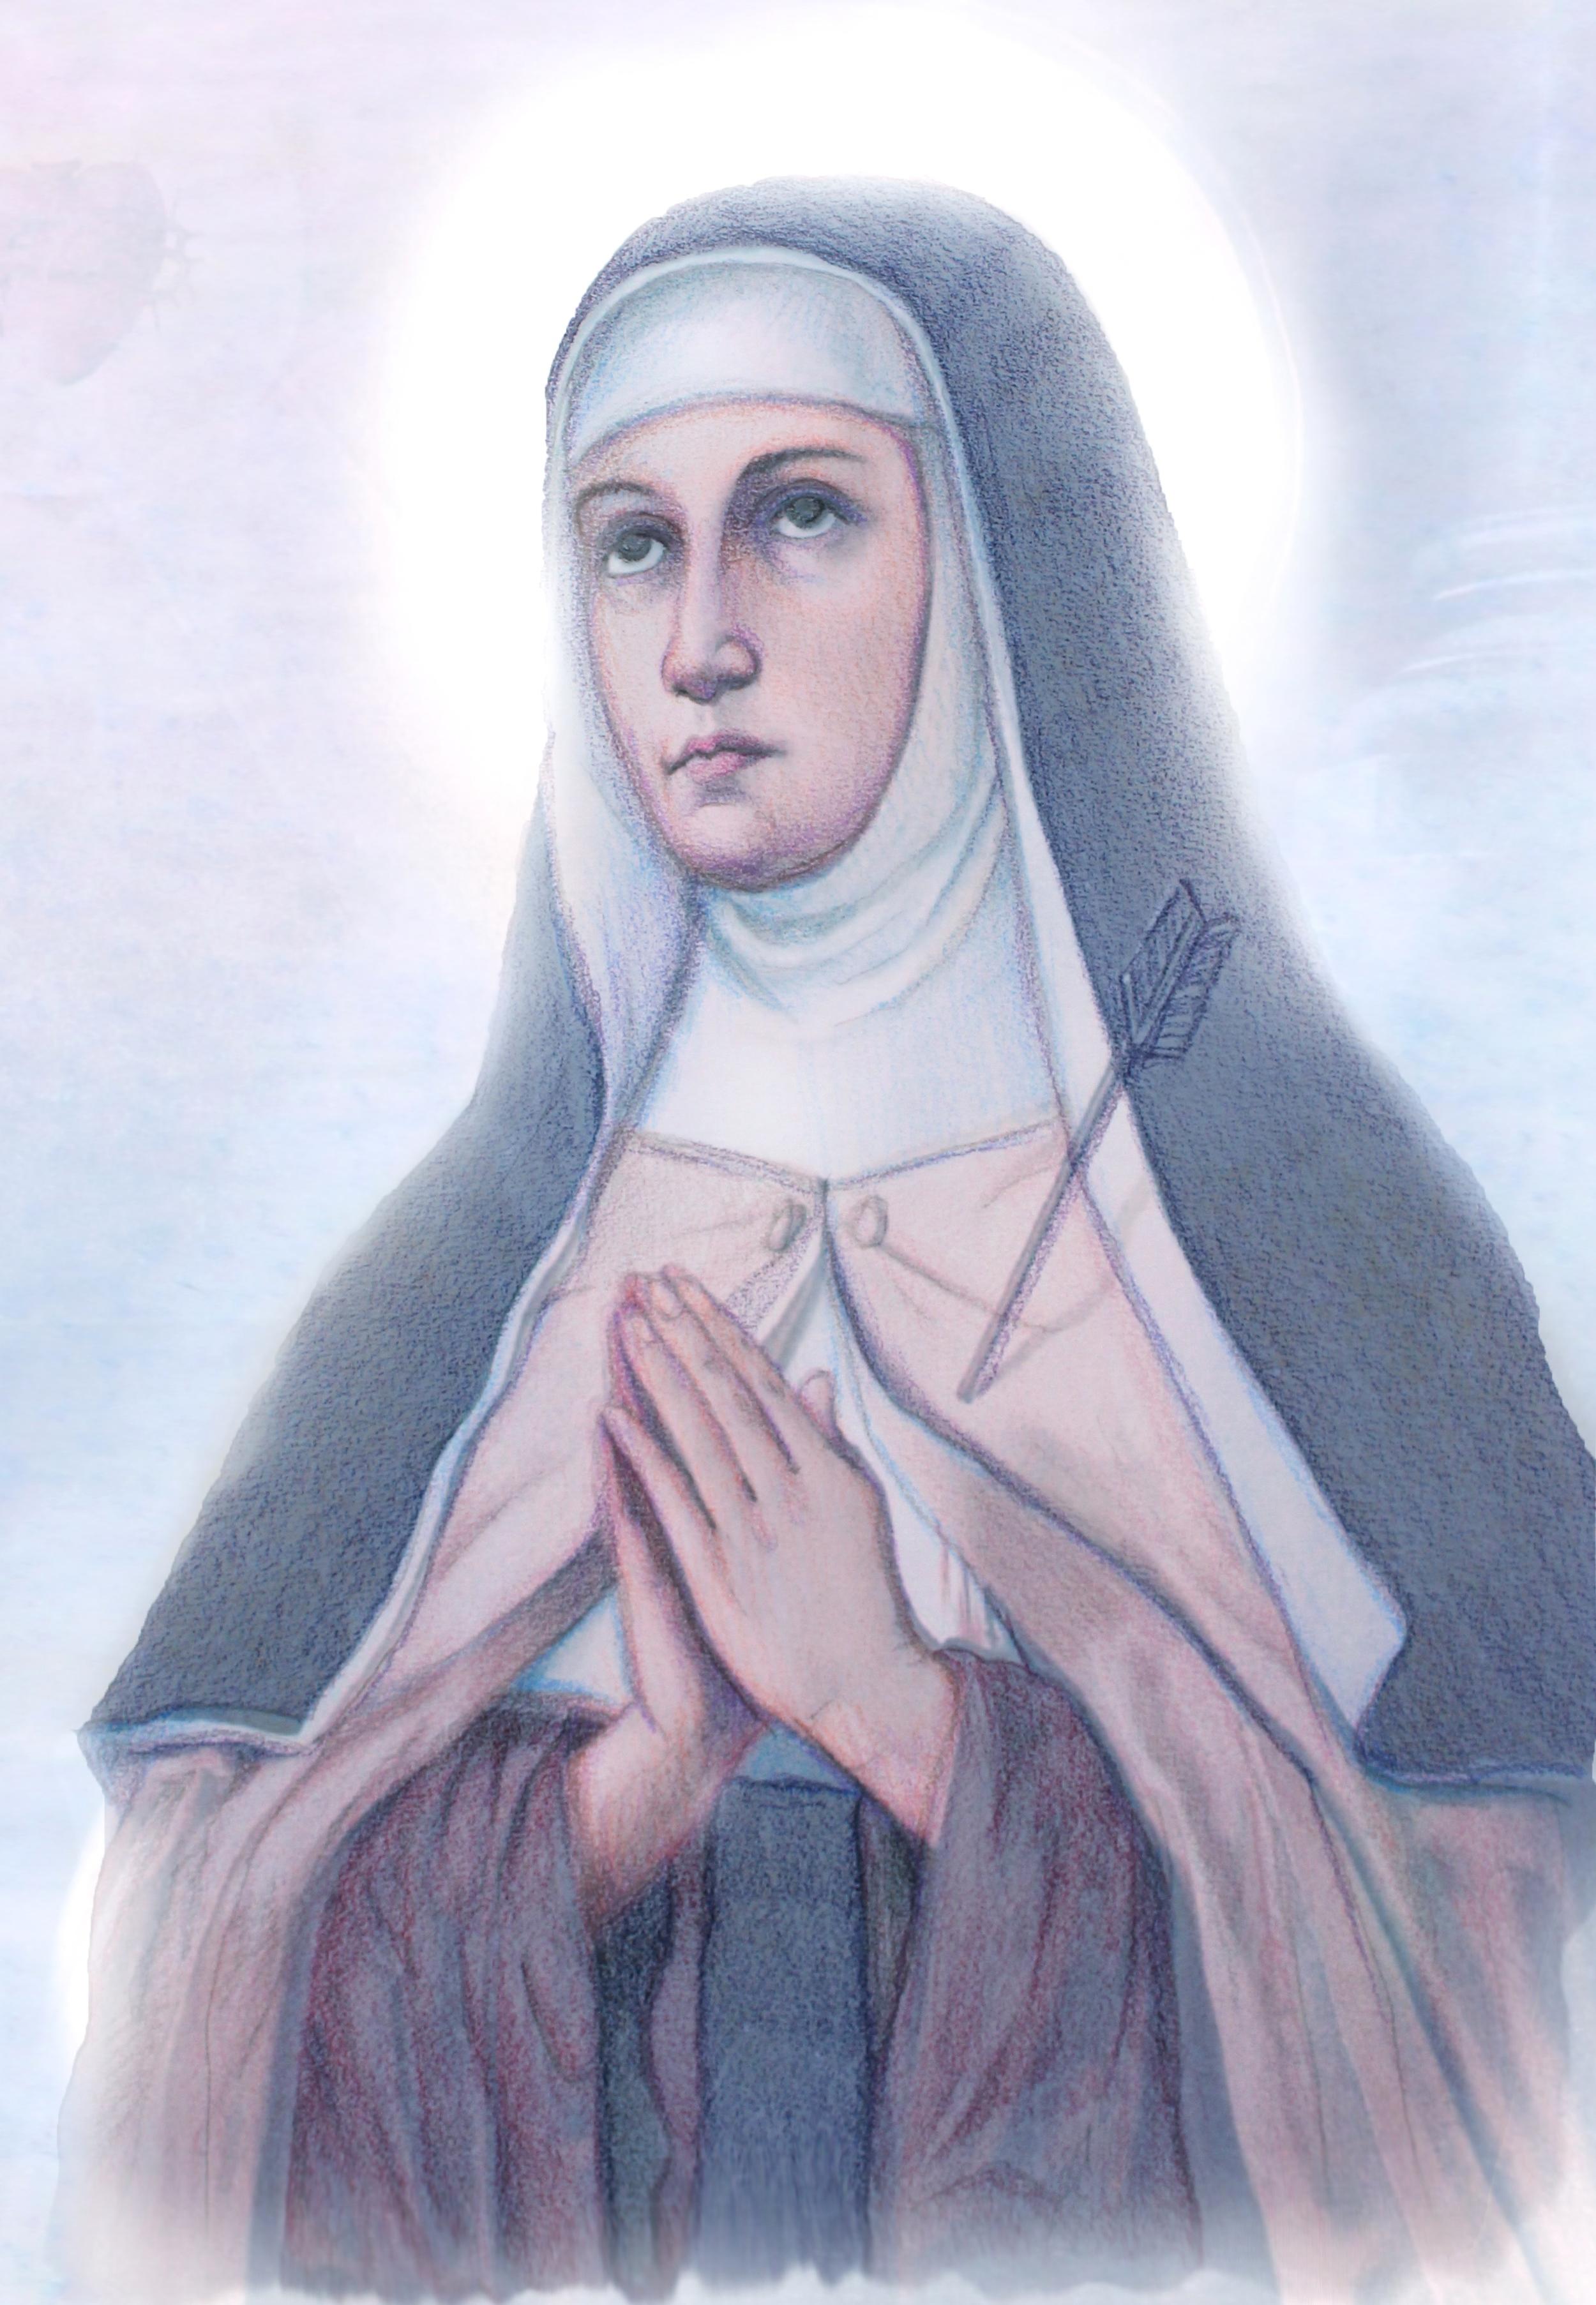 St. Teresa of Avila Copyright @ LeadustoHeaven